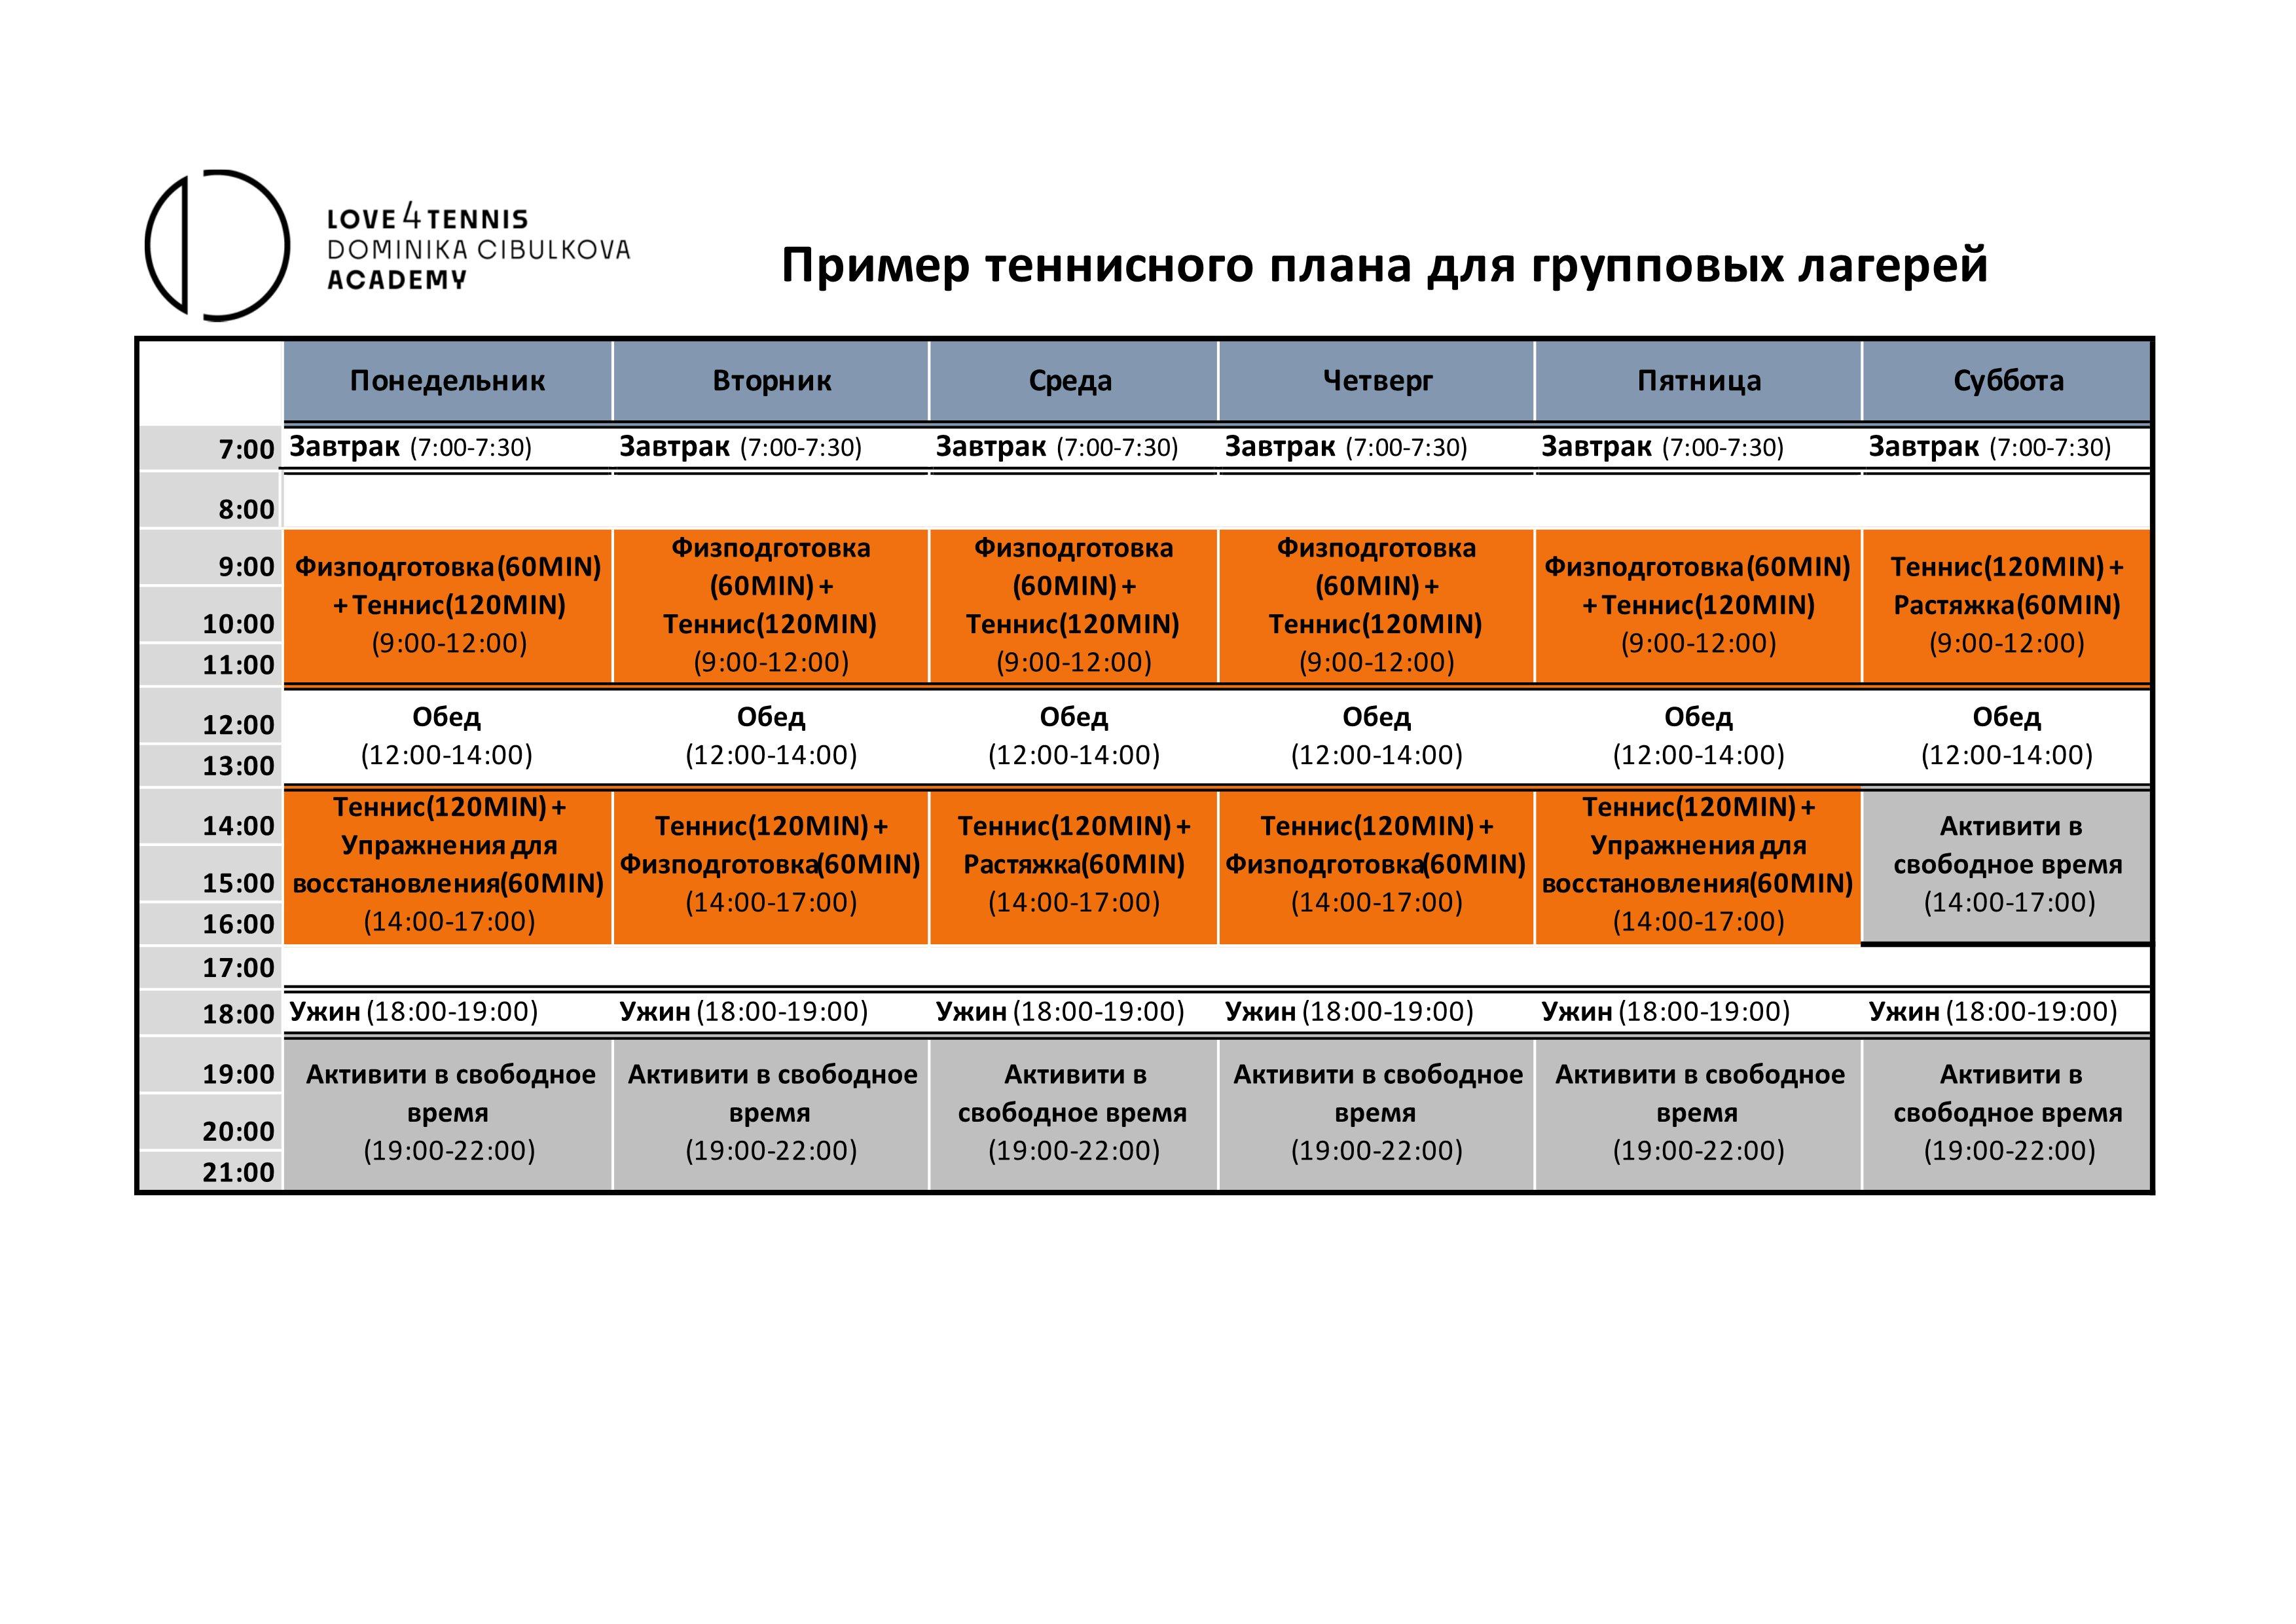 skupinovy rus opraveny